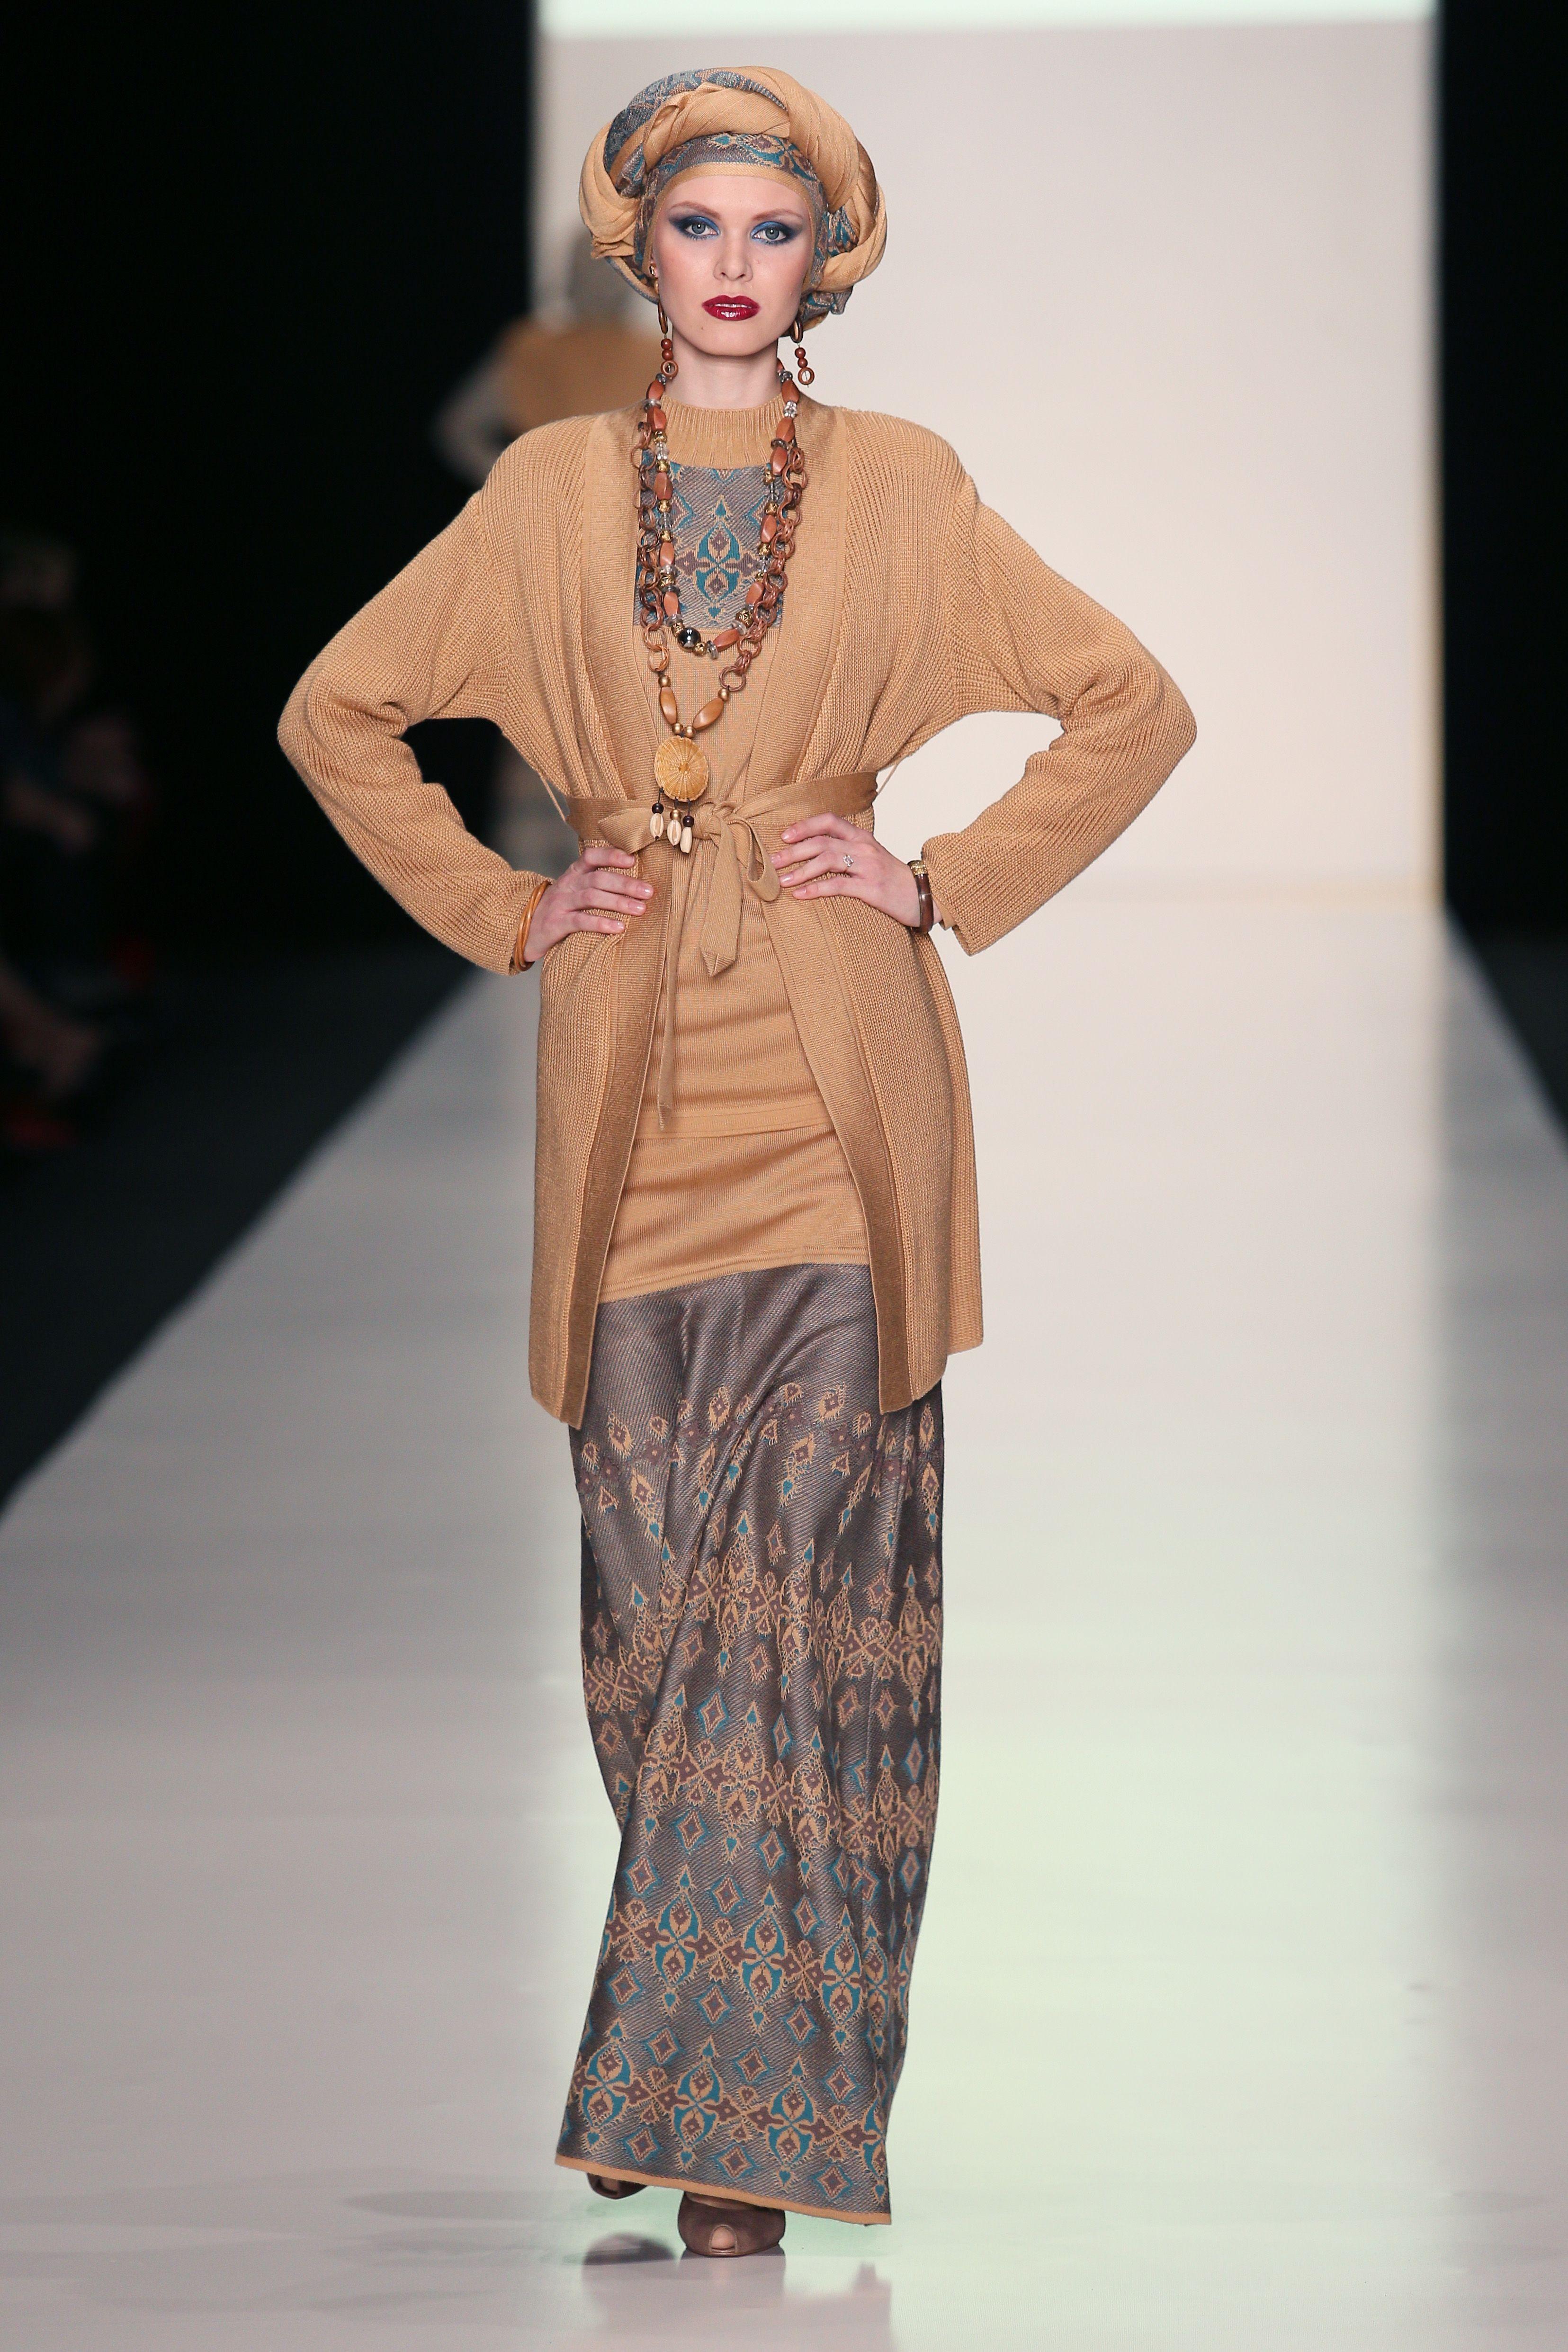 """SLAVA ZAITSEV for Ufa Knitwear LLC, TM """"TRICARDO"""" - Spring/Summer 2014 / Mercedes-Benz Fashion Week Russia"""